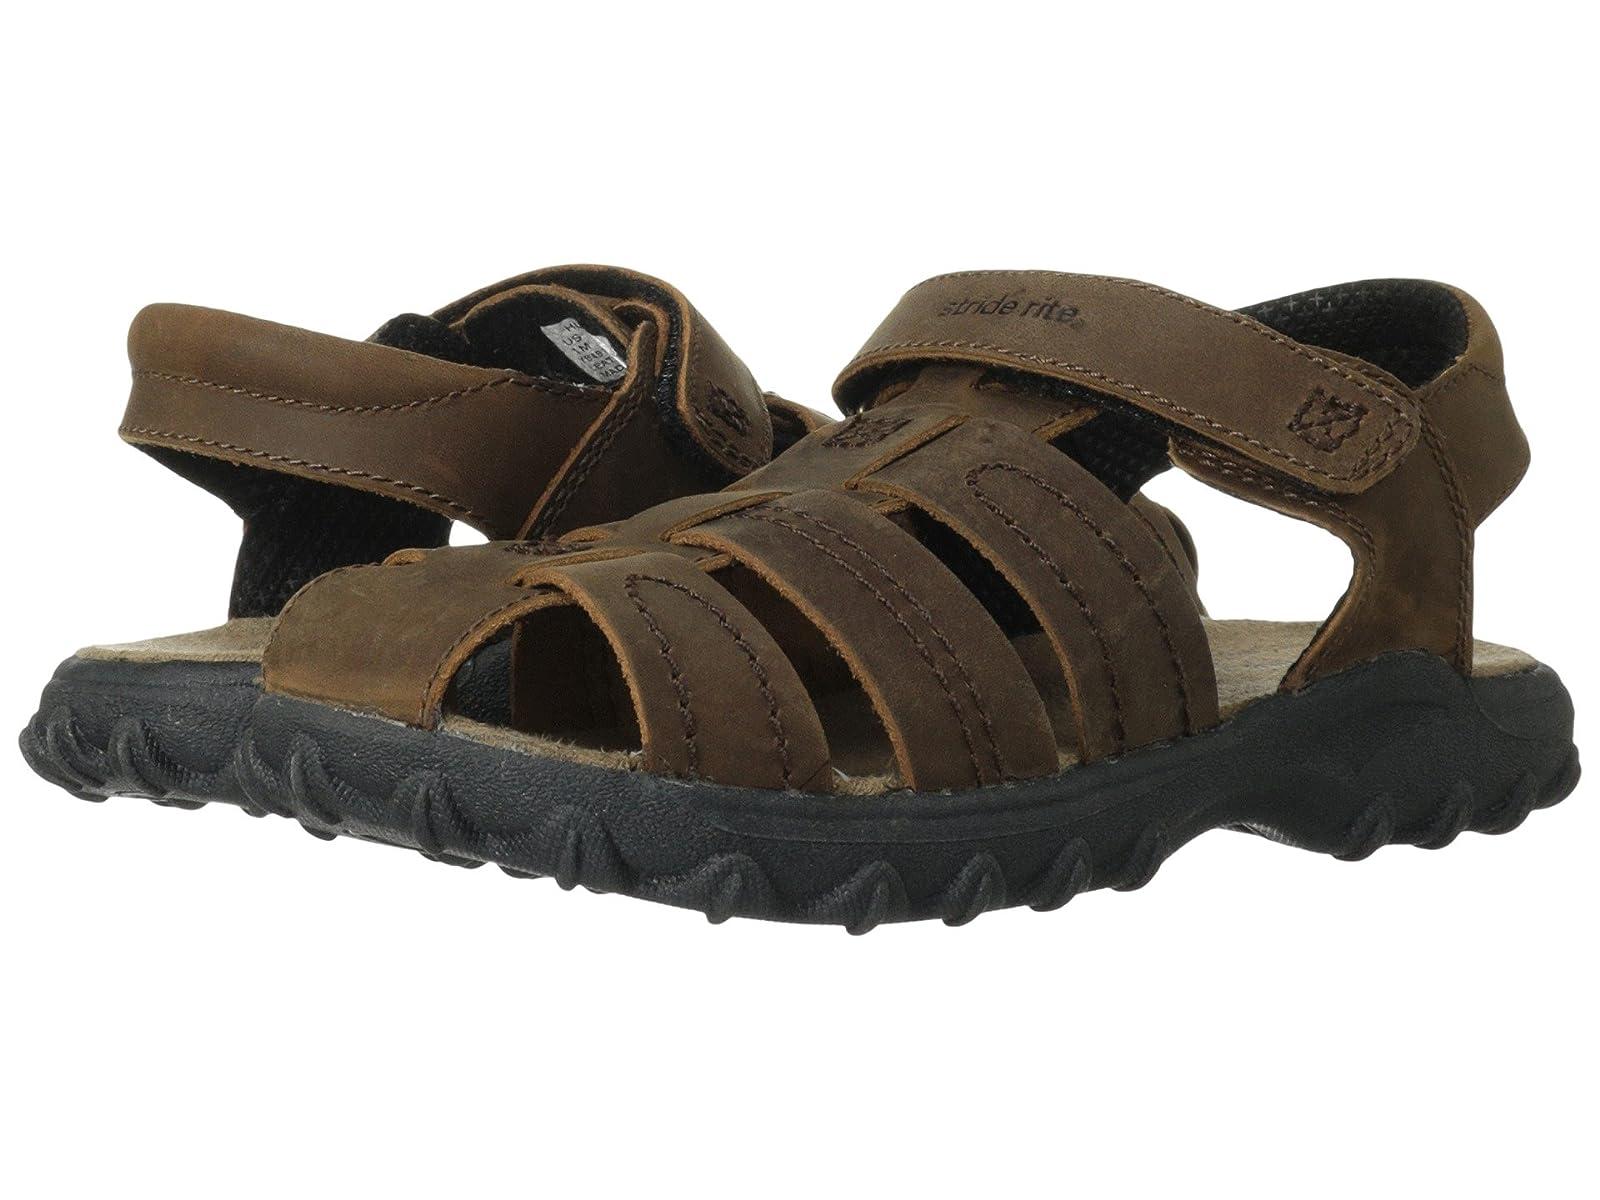 Stride Rite Hudsen (Toddler/Little Kid)Atmospheric grades have affordable shoes